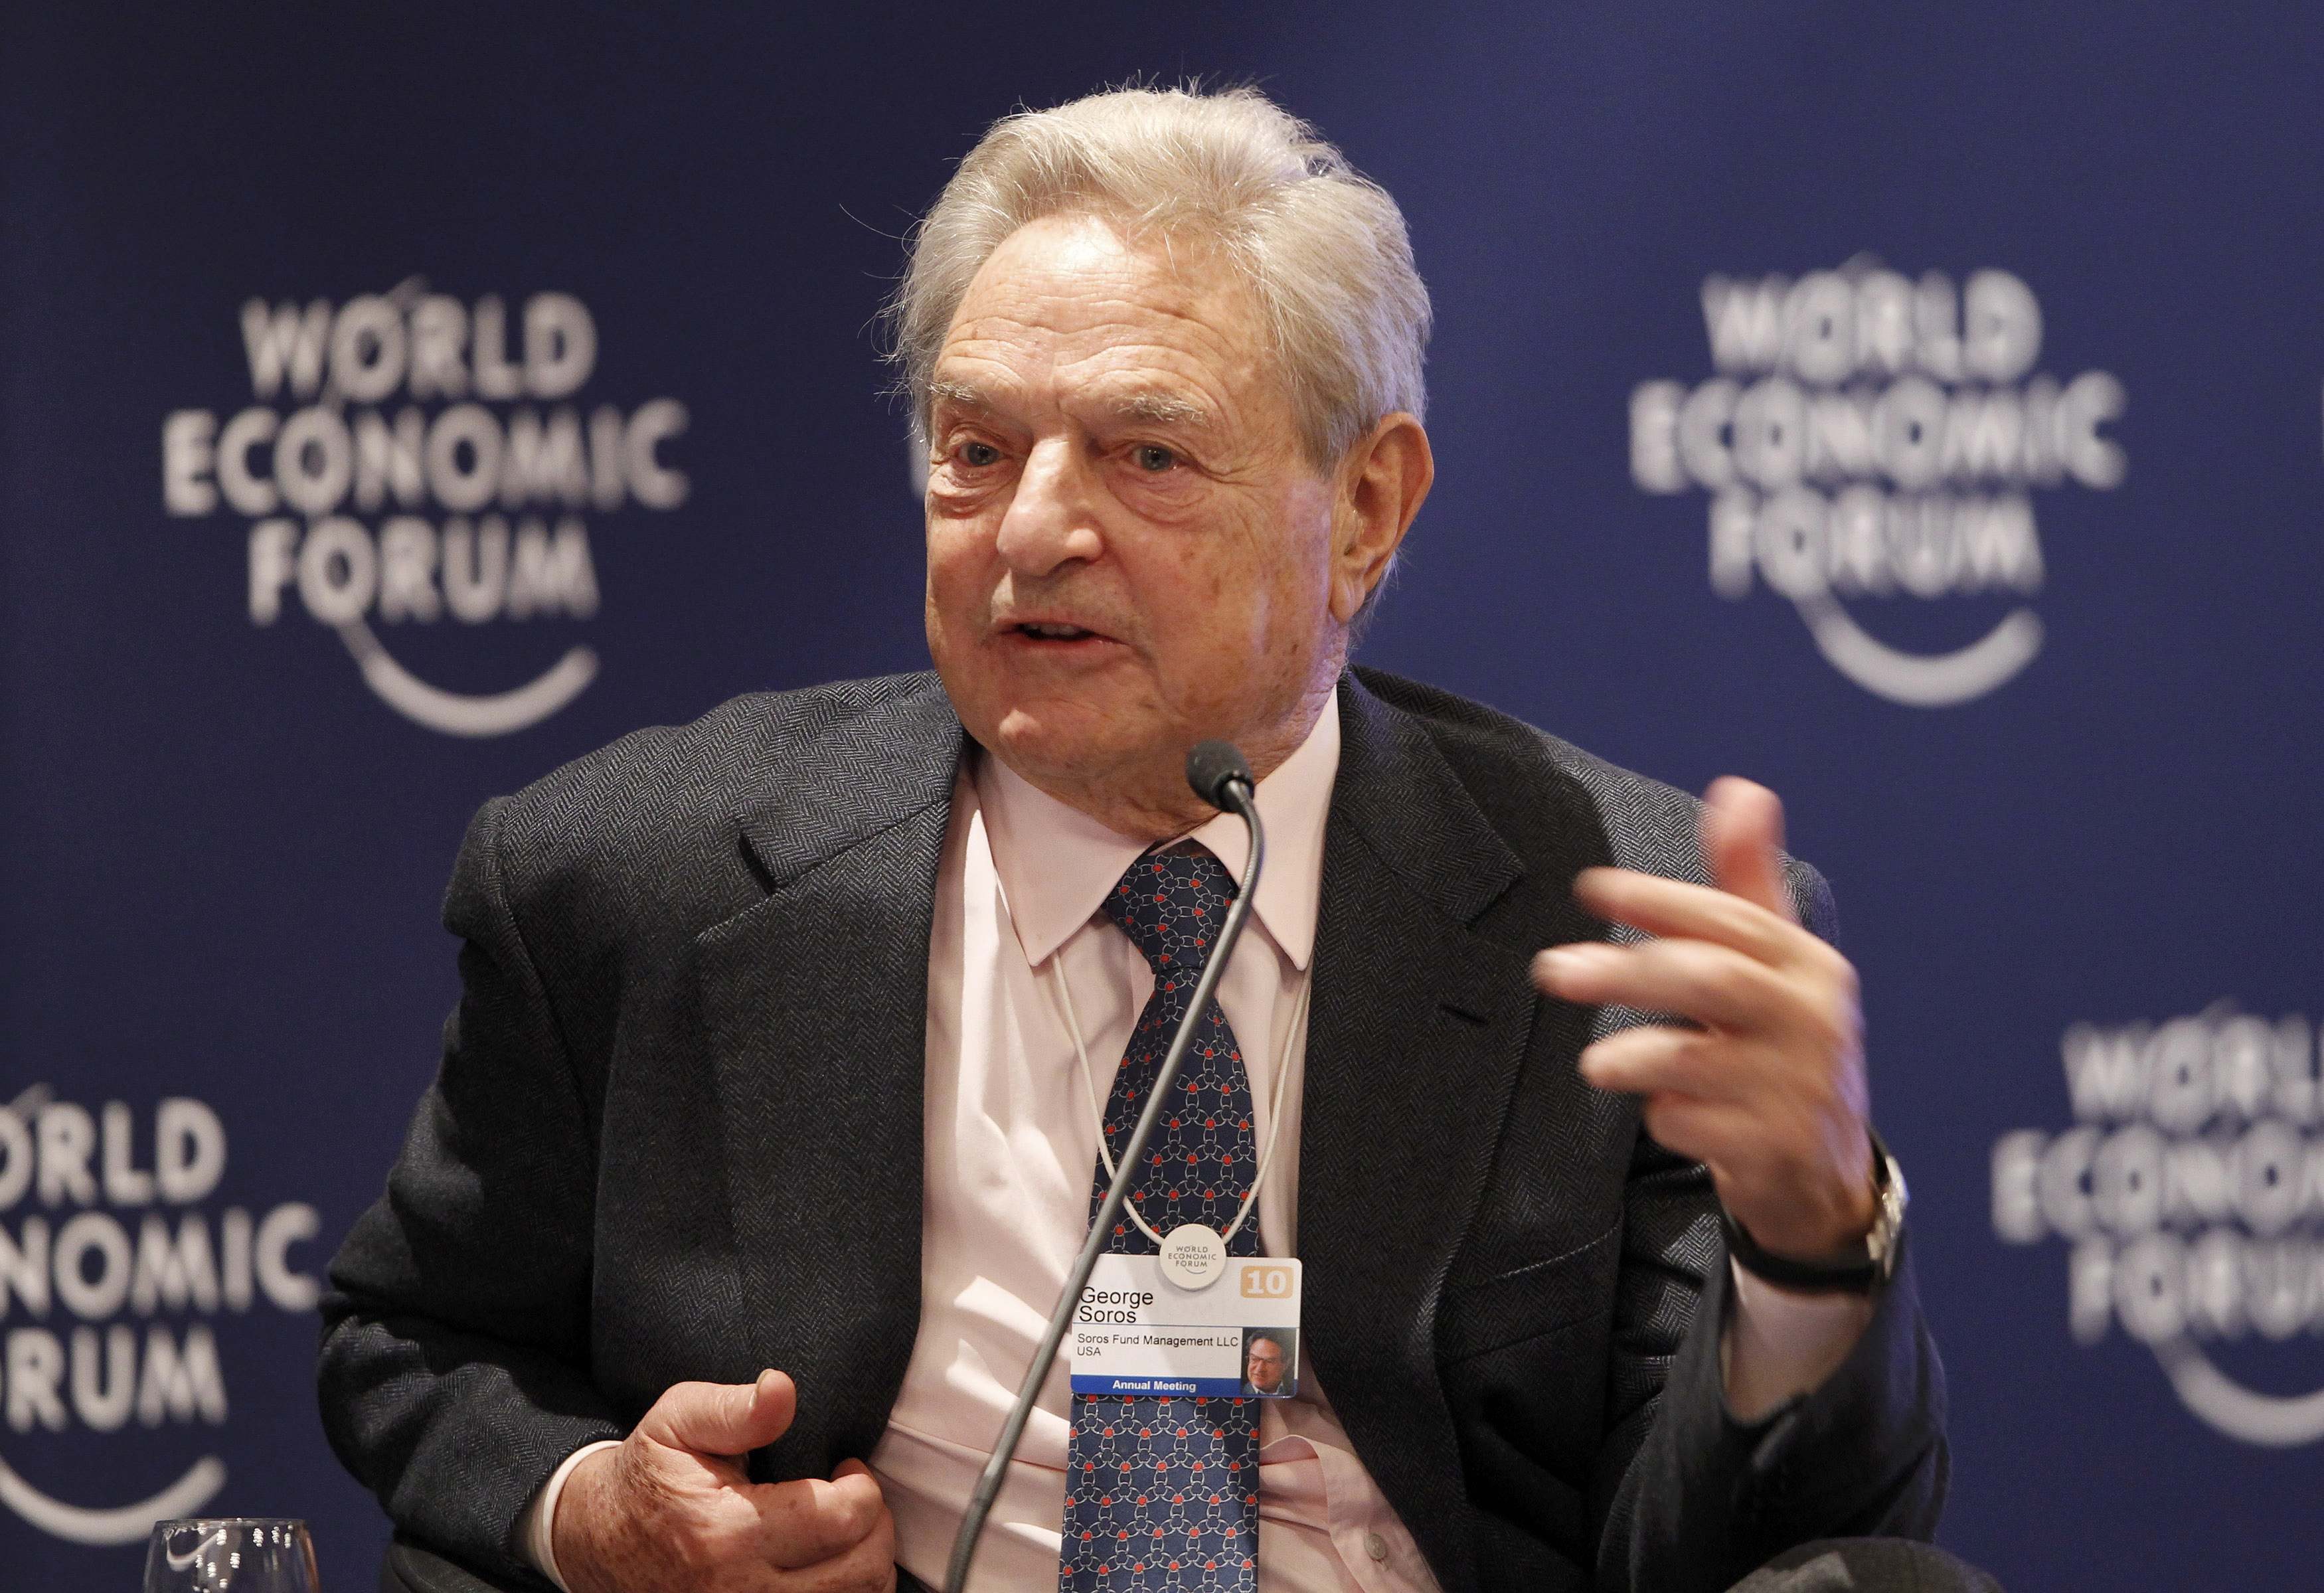 O δισεκατομμυριούχος επενδυτής Τζορτζ Σόρος. ΦΩΤΟ REUTERS